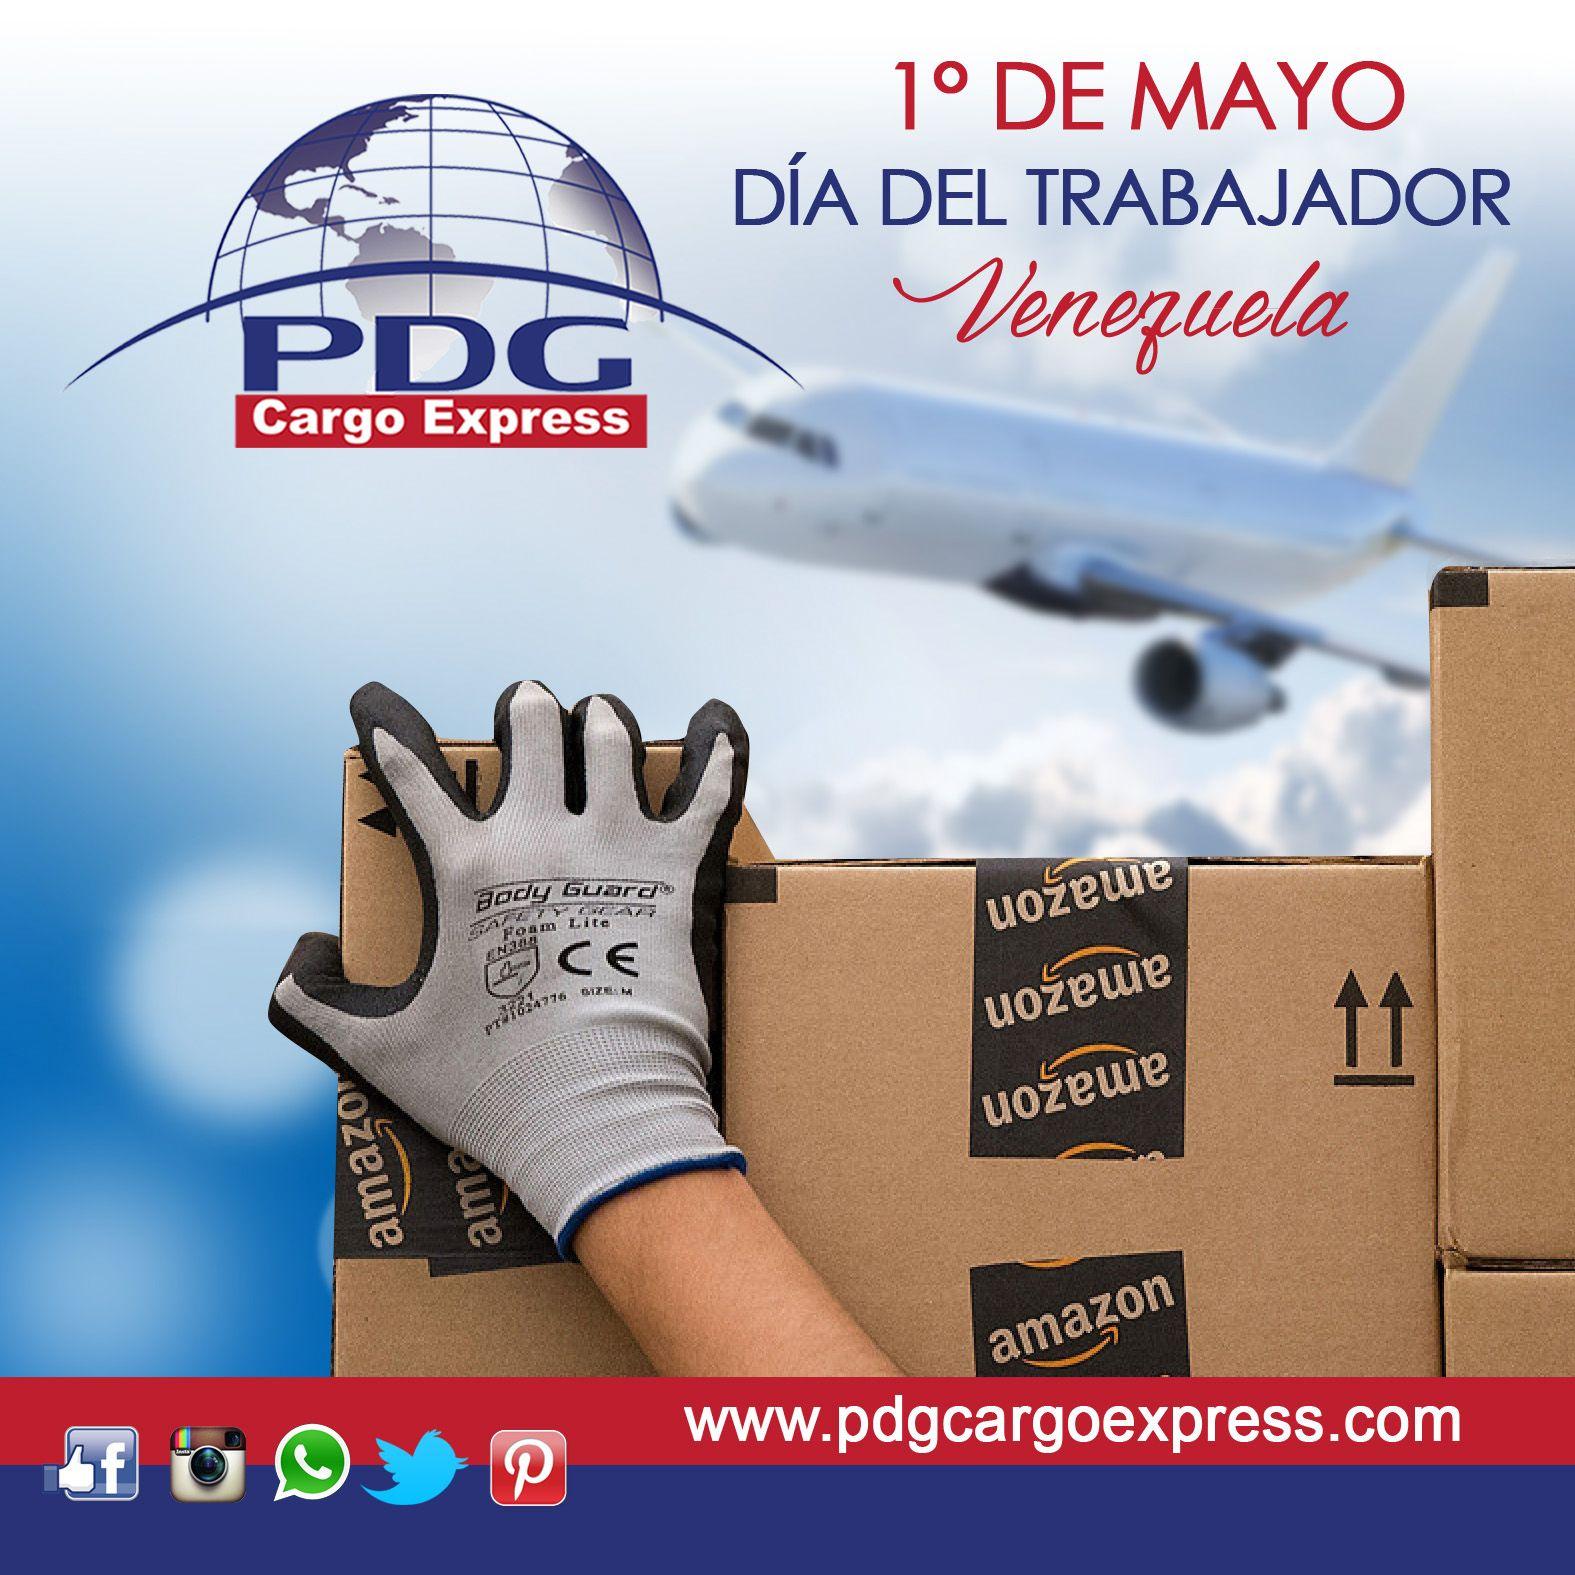 Feliz Día a todos los que día a día con esfuerzo y dedicación construimos este gran País. Gracias Trabajadores!! #PDGCargoExpress